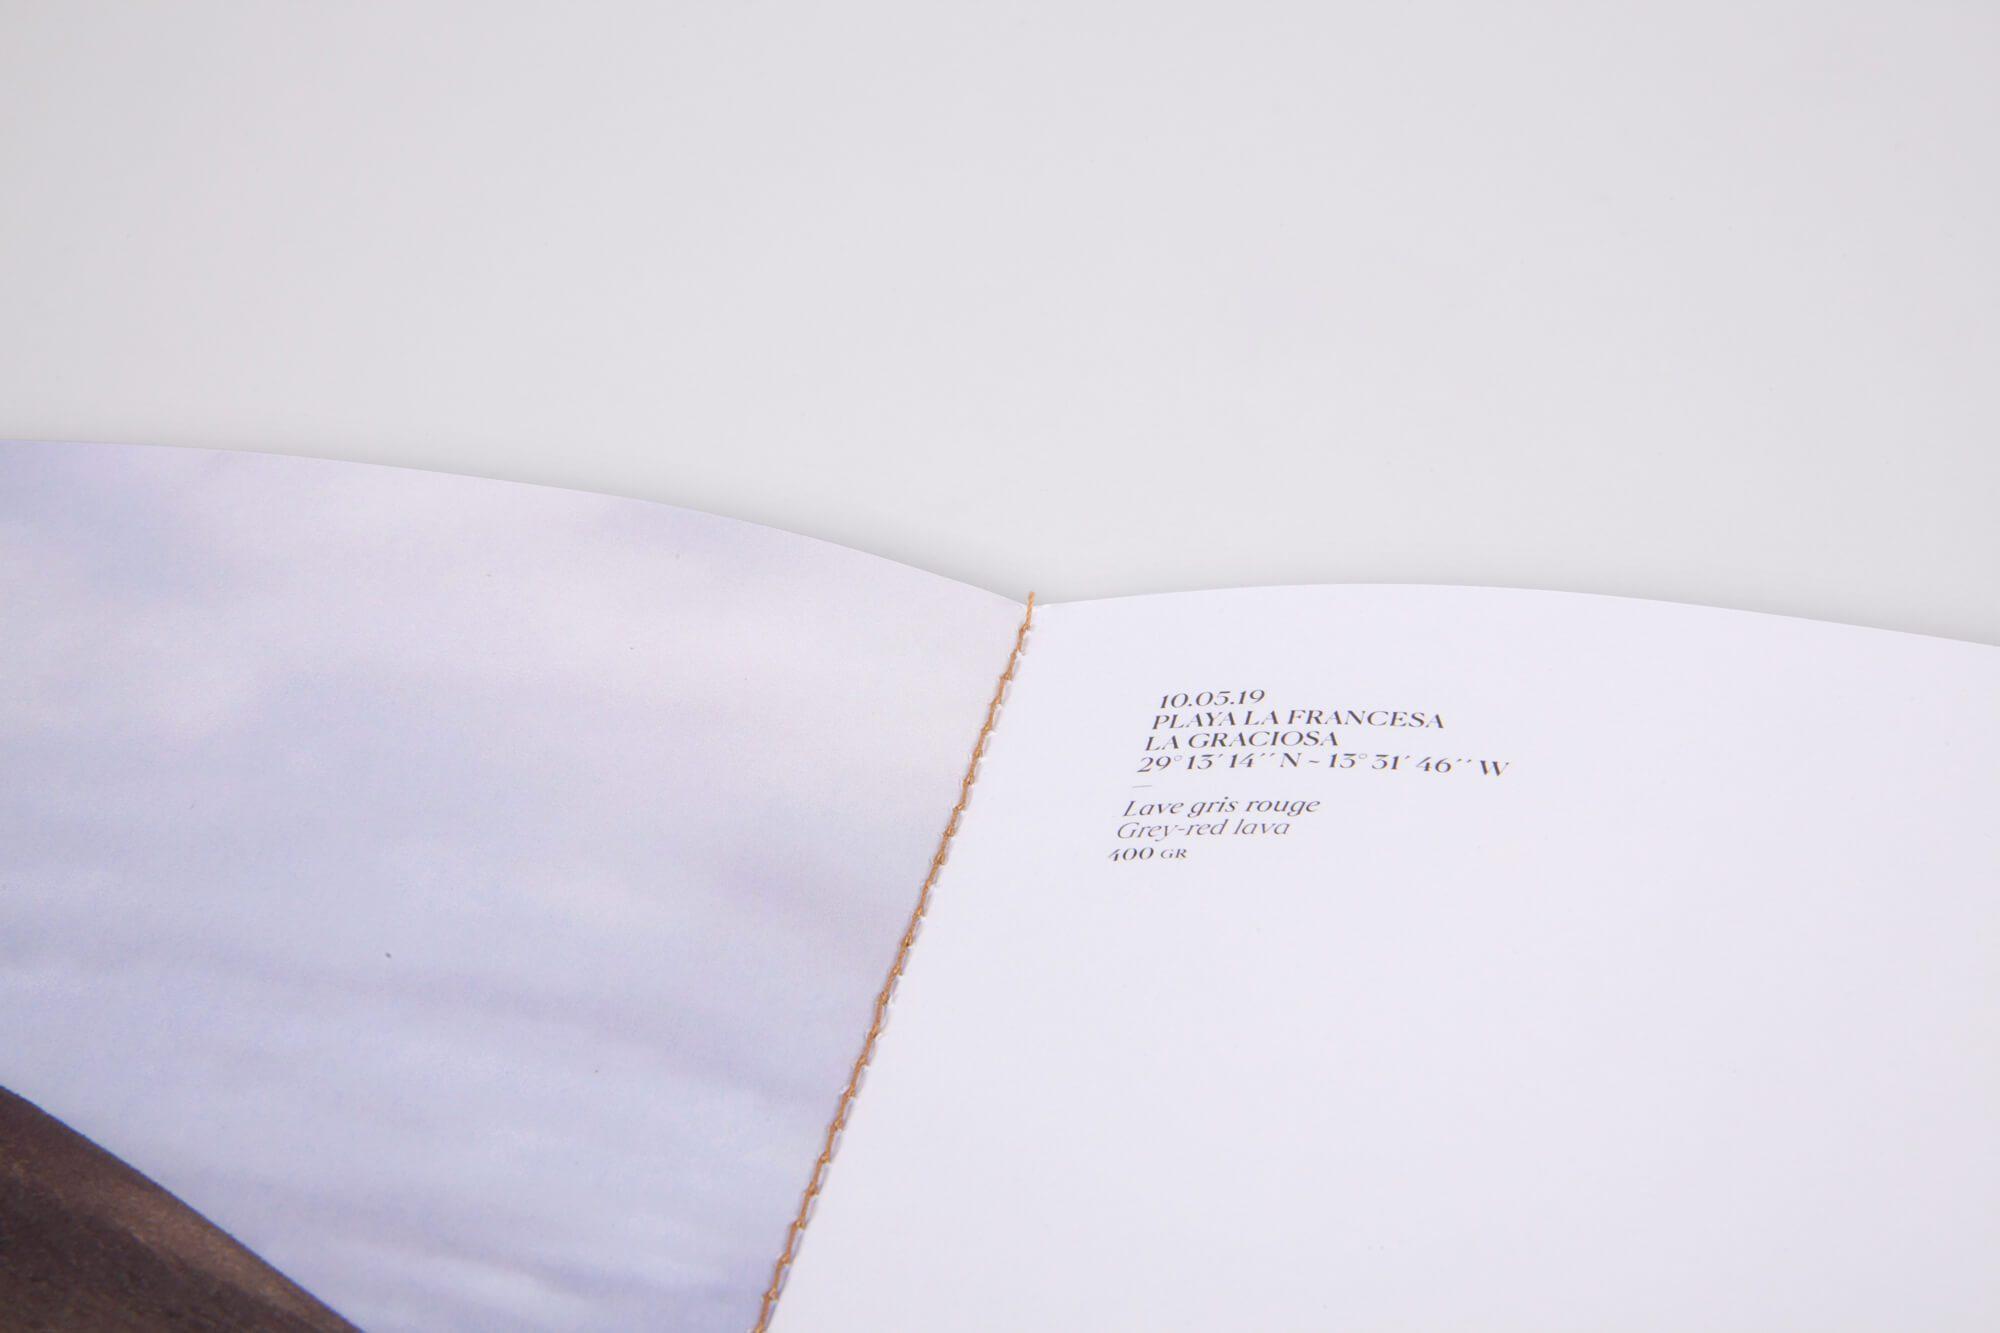 Les légendes du cahier paysage du livre d'artiste de Daniela Busarello, maquette et mise en page Ich&Kar